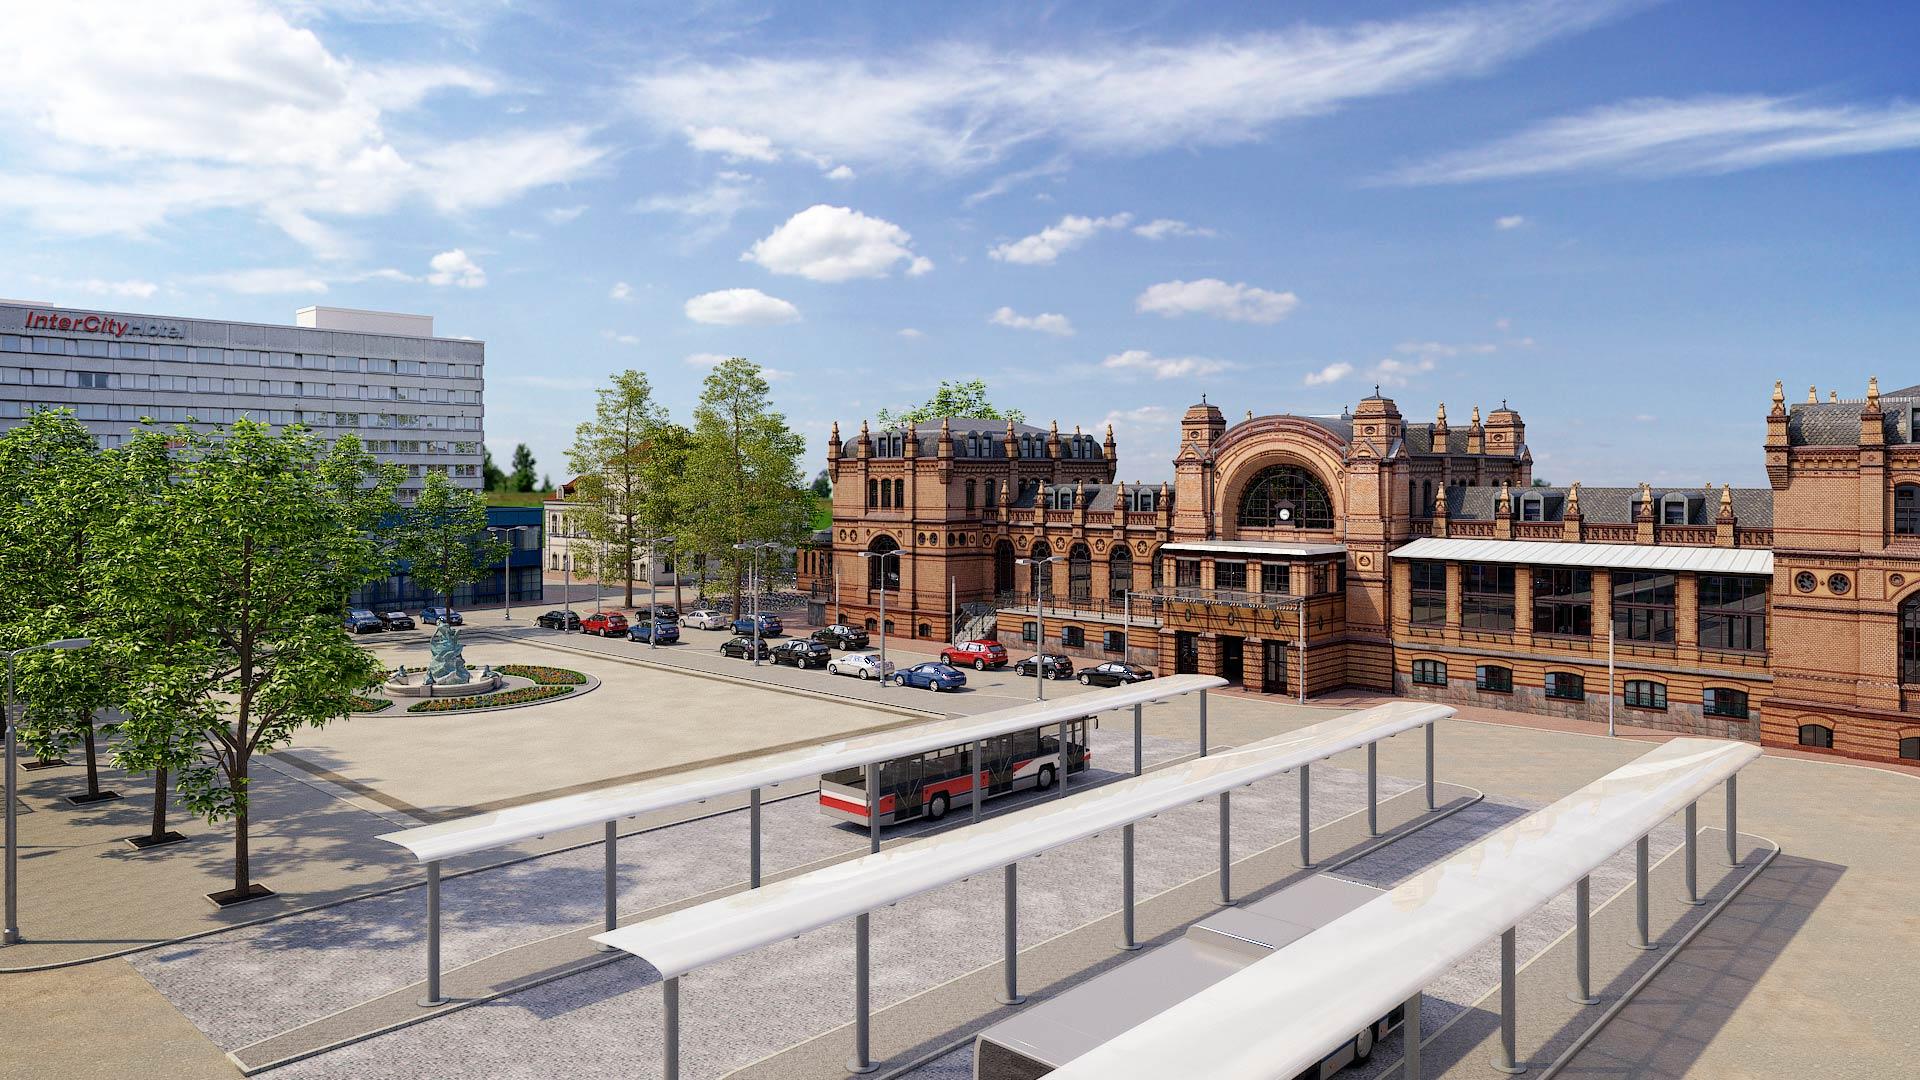 3D_Visualisierung_Schwerin_Bahnhof_Grunthalplatz Schwerin Grunthalplatz 3D Architekturvisualisierung